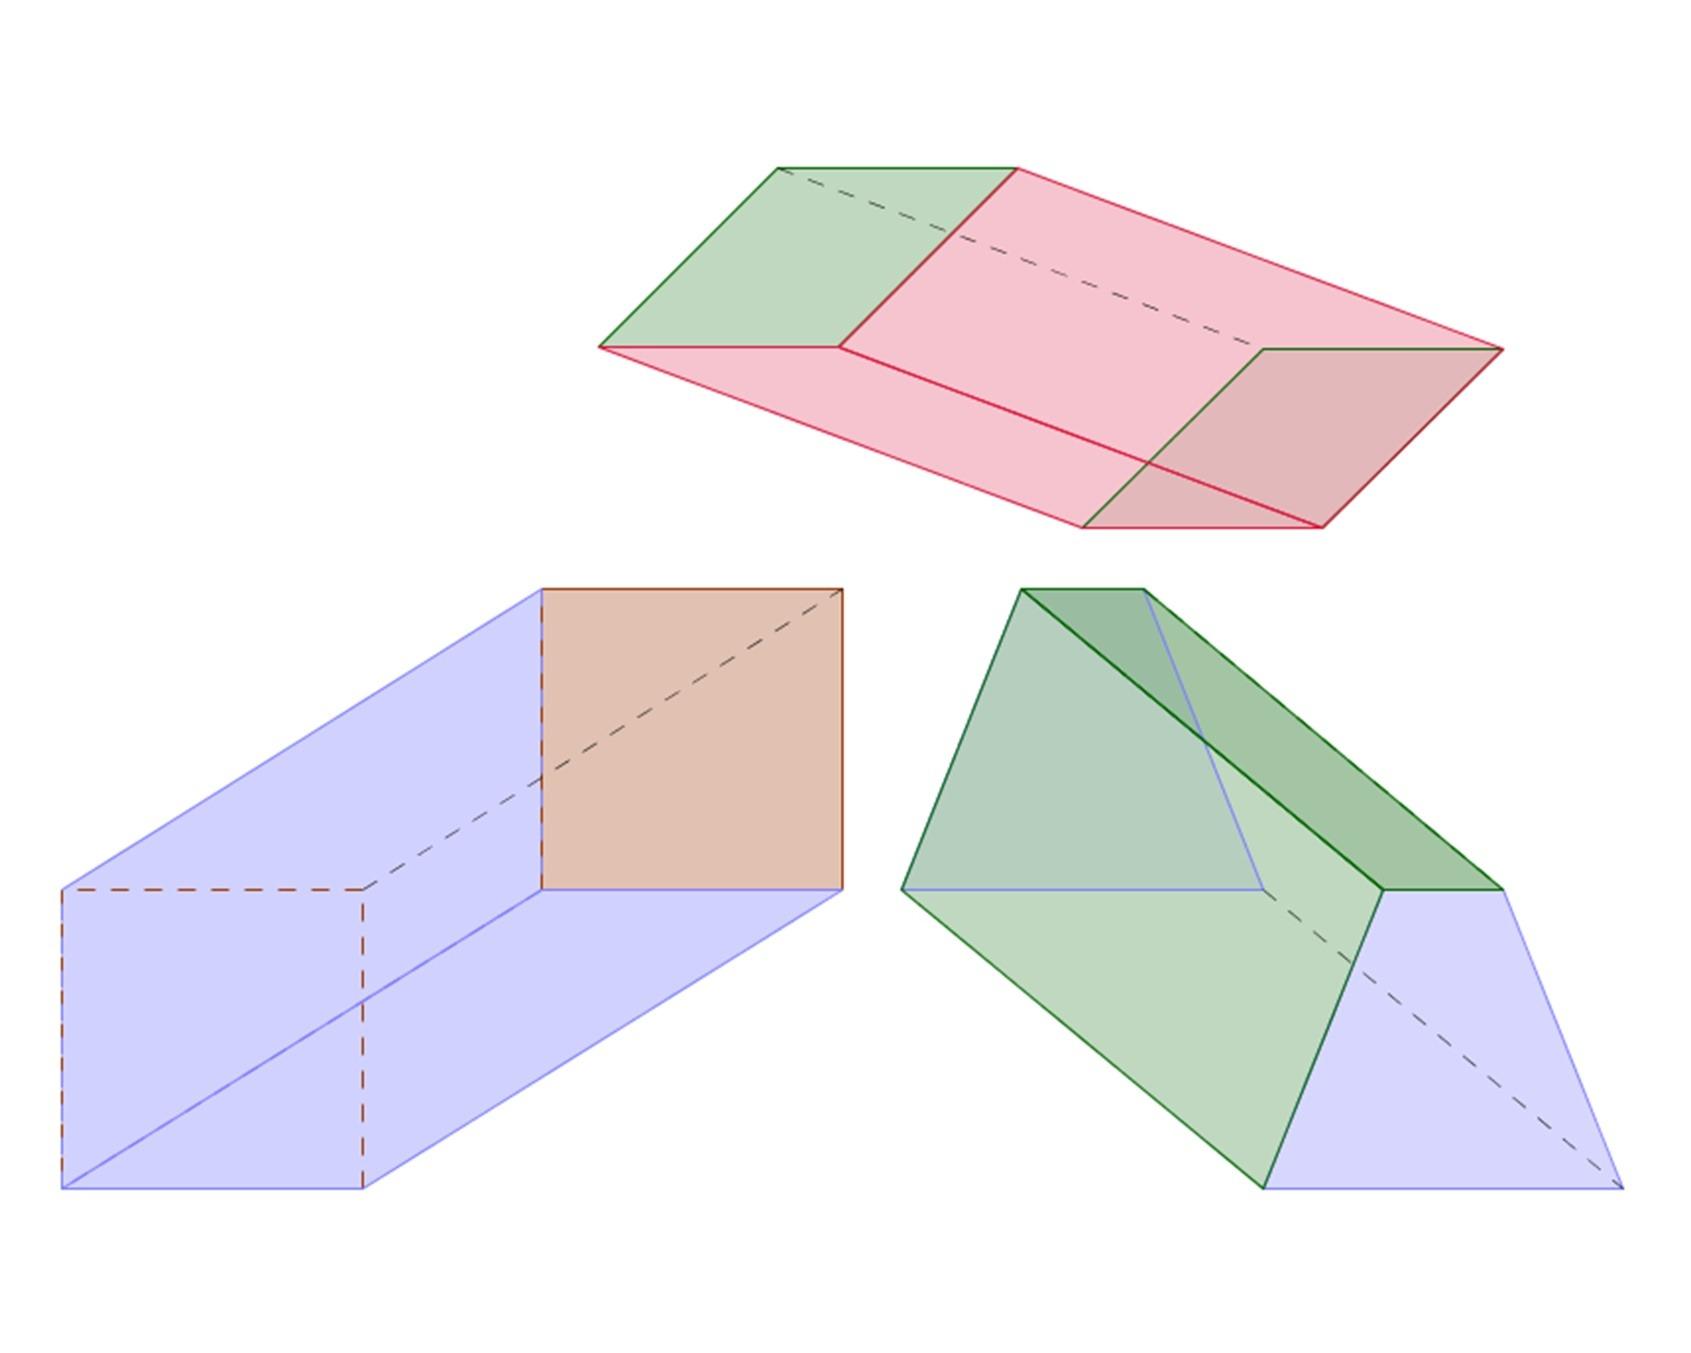 Quadrilateral Prisms